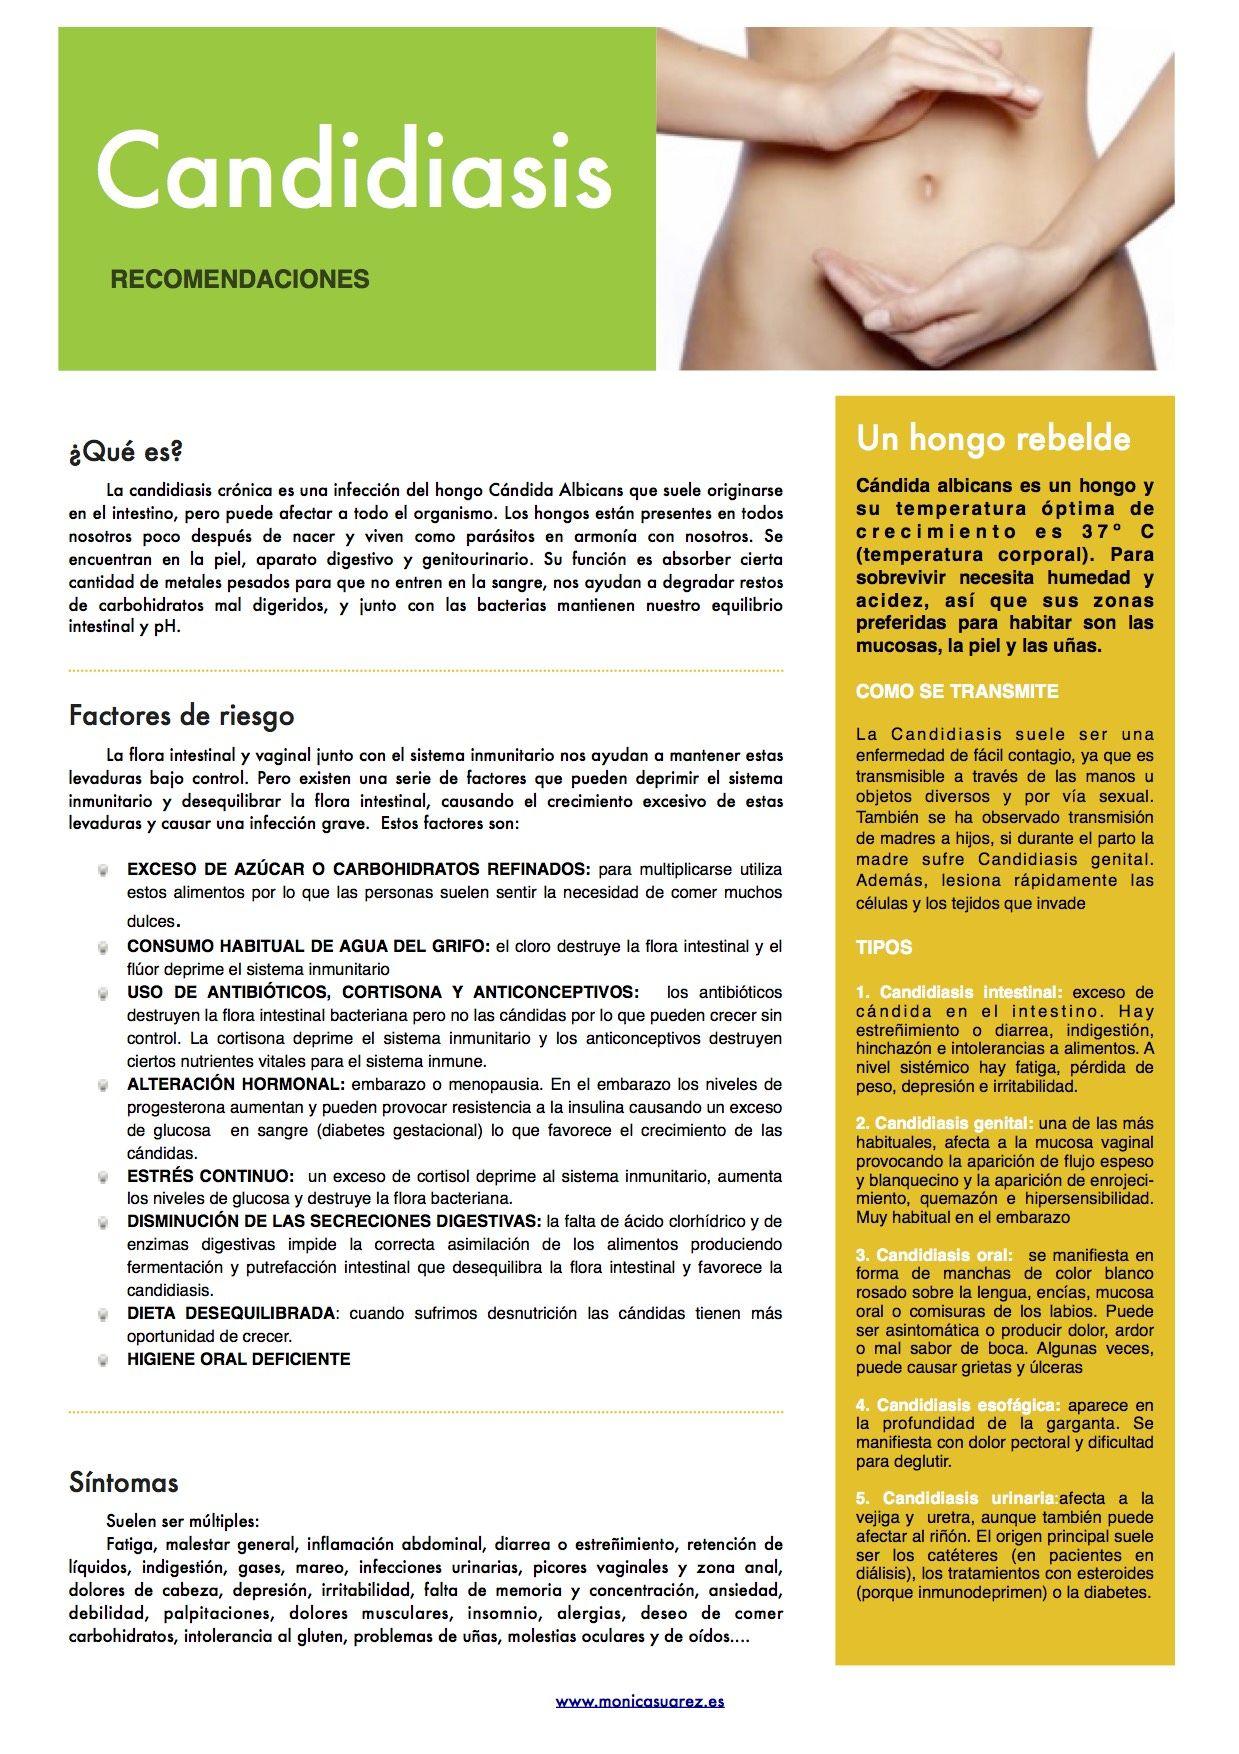 pre diabetes e infecciones por hongos en los labios